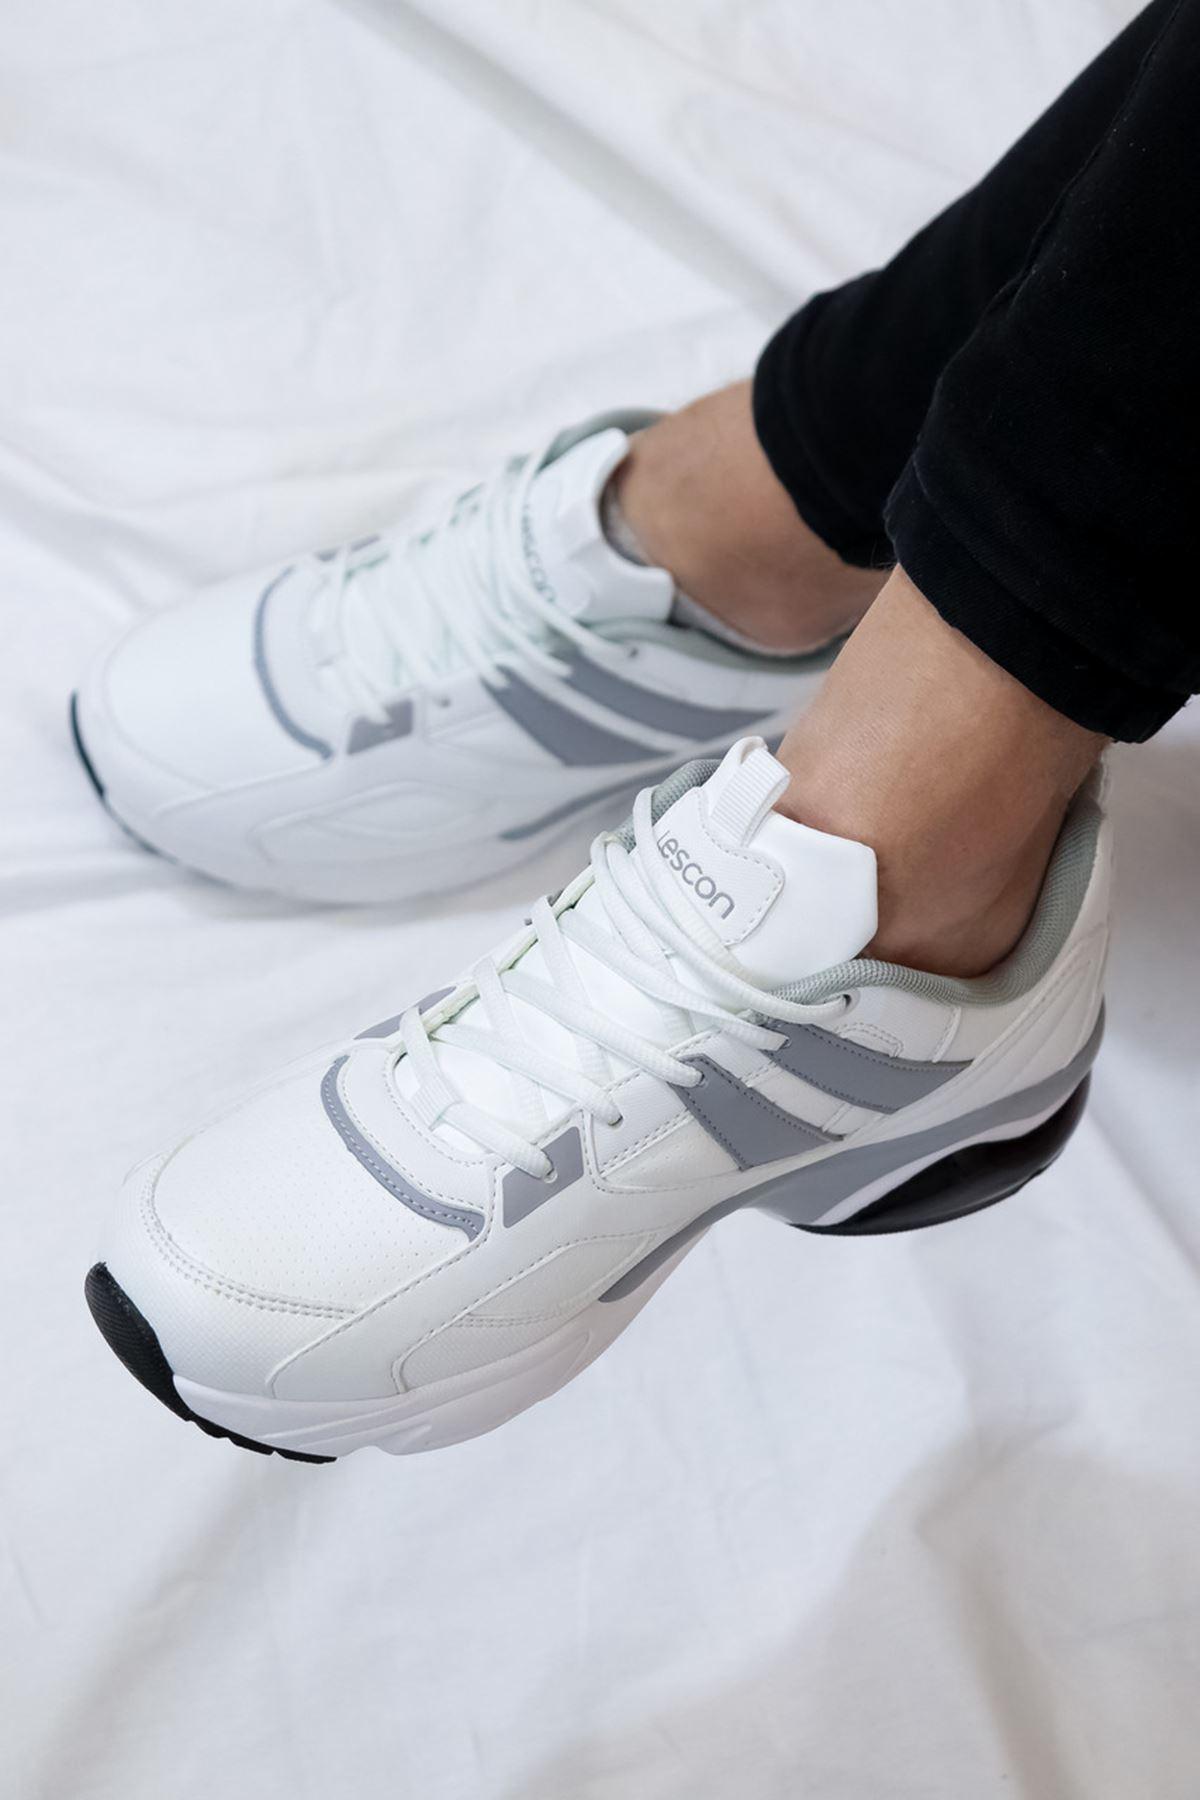 LESCON - Airtube Debut 2 Beyaz Spor Ayakkabısı